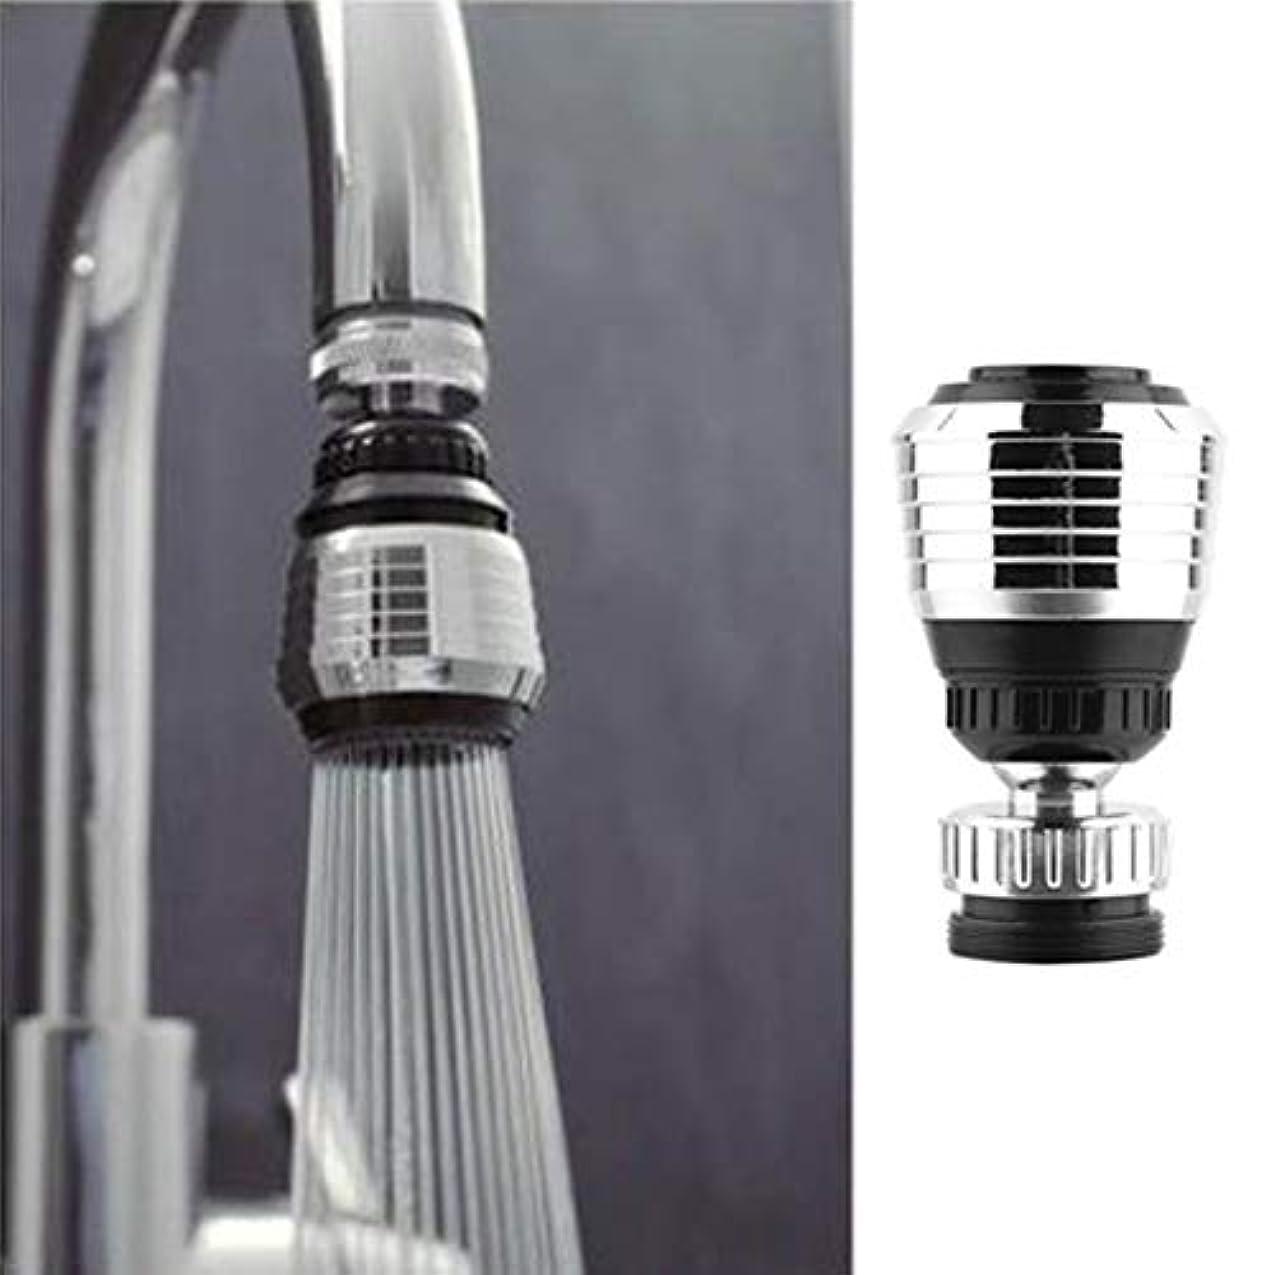 作りフィドル類人猿boxiangxu Rotate Water Saving Tap Bubbler Aerator Diffuser Swivel Faucet Nozzle kitchen & bathroom filter nozzle...